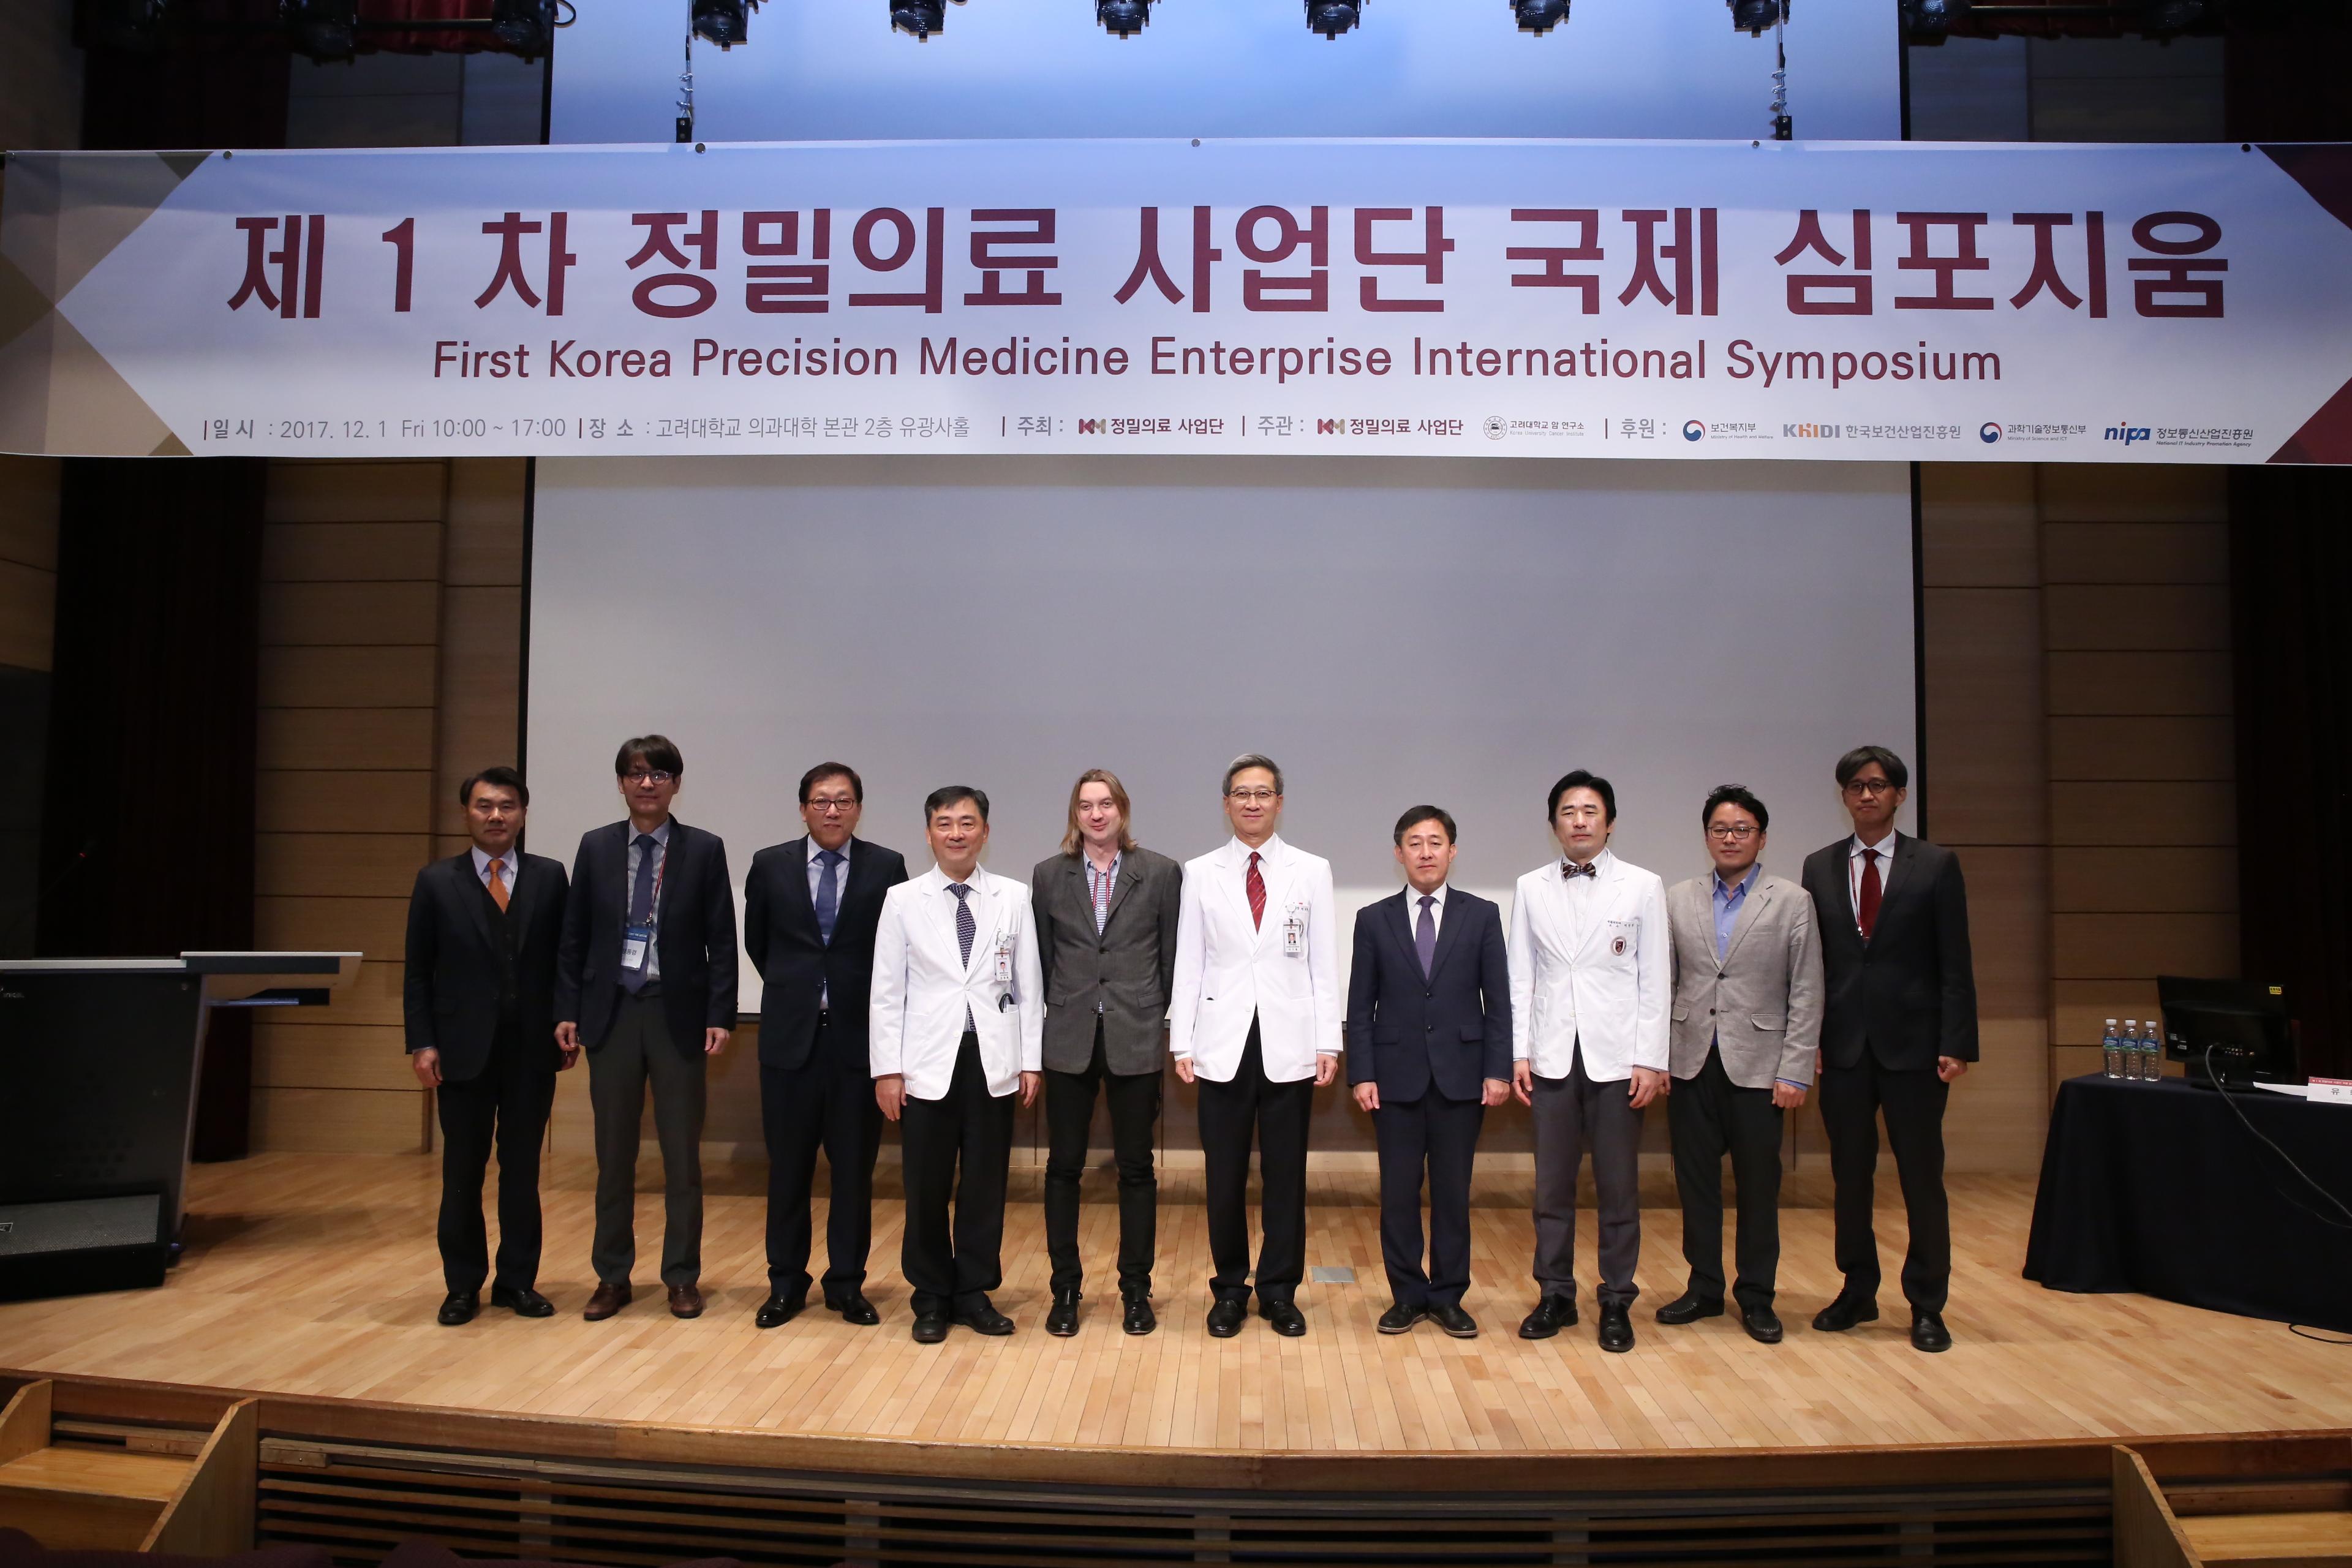 제1차 정밀의료사업단 국제심포지움